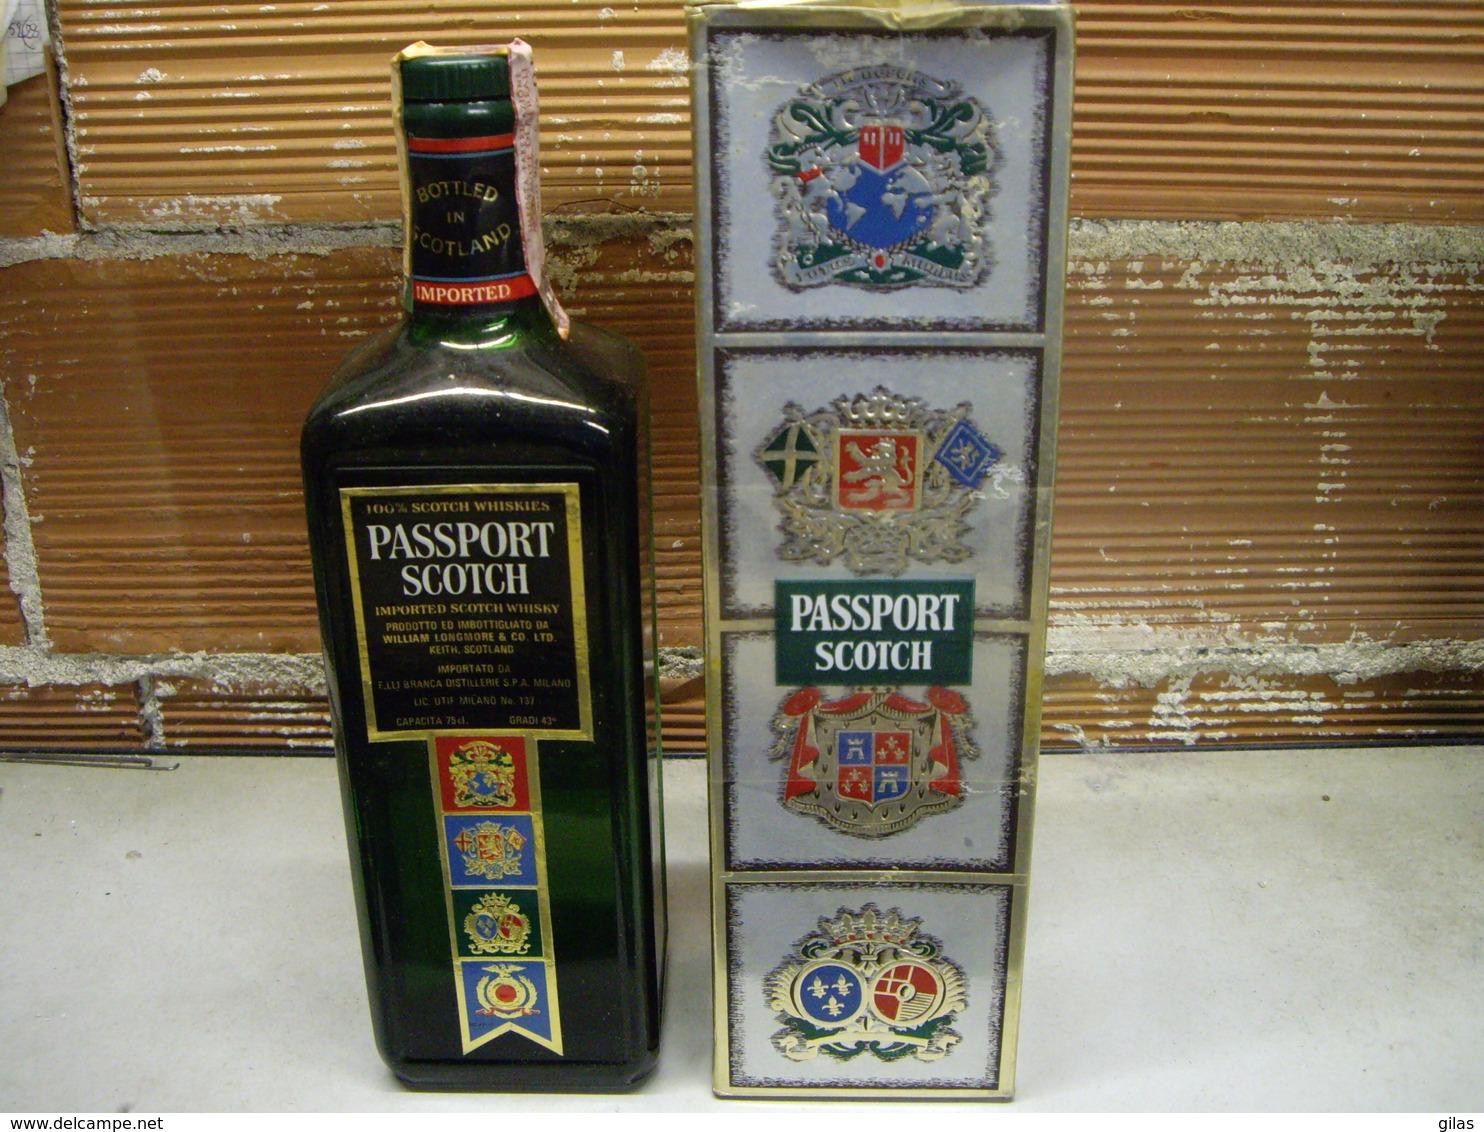 Whisky Scozzese Passport Scoth Anni 70 750 Ml Con Confezione - Spiritus